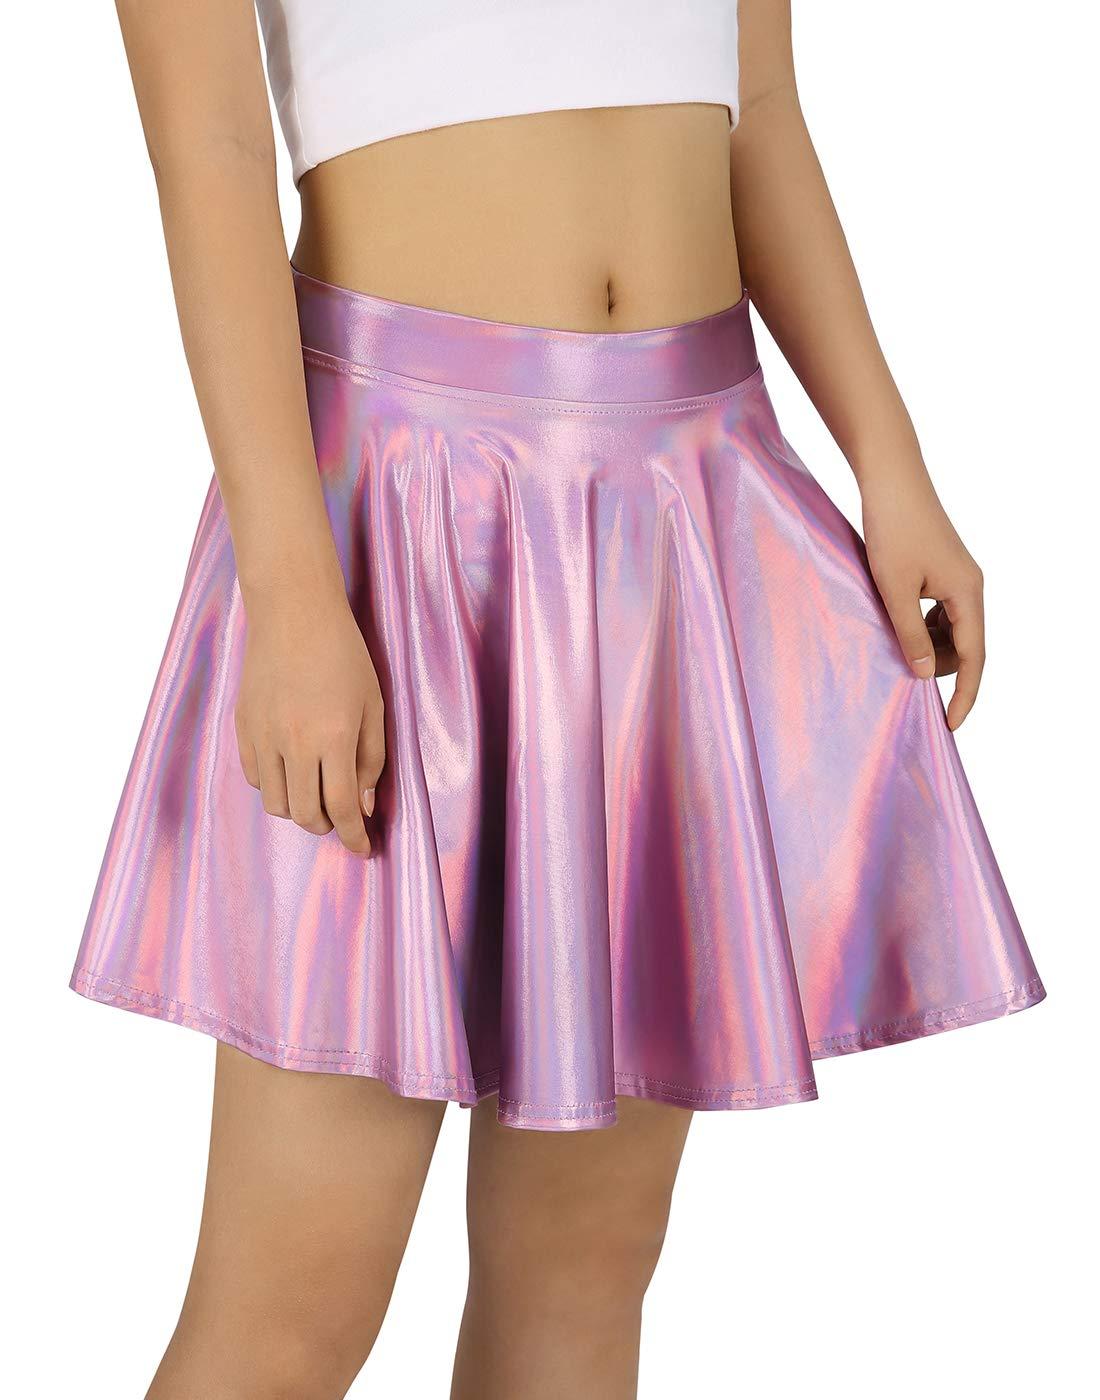 Kate Kasin Womens Mini Skirt Flared Wet Look Pleated Shiny Metallic Skater Skirt